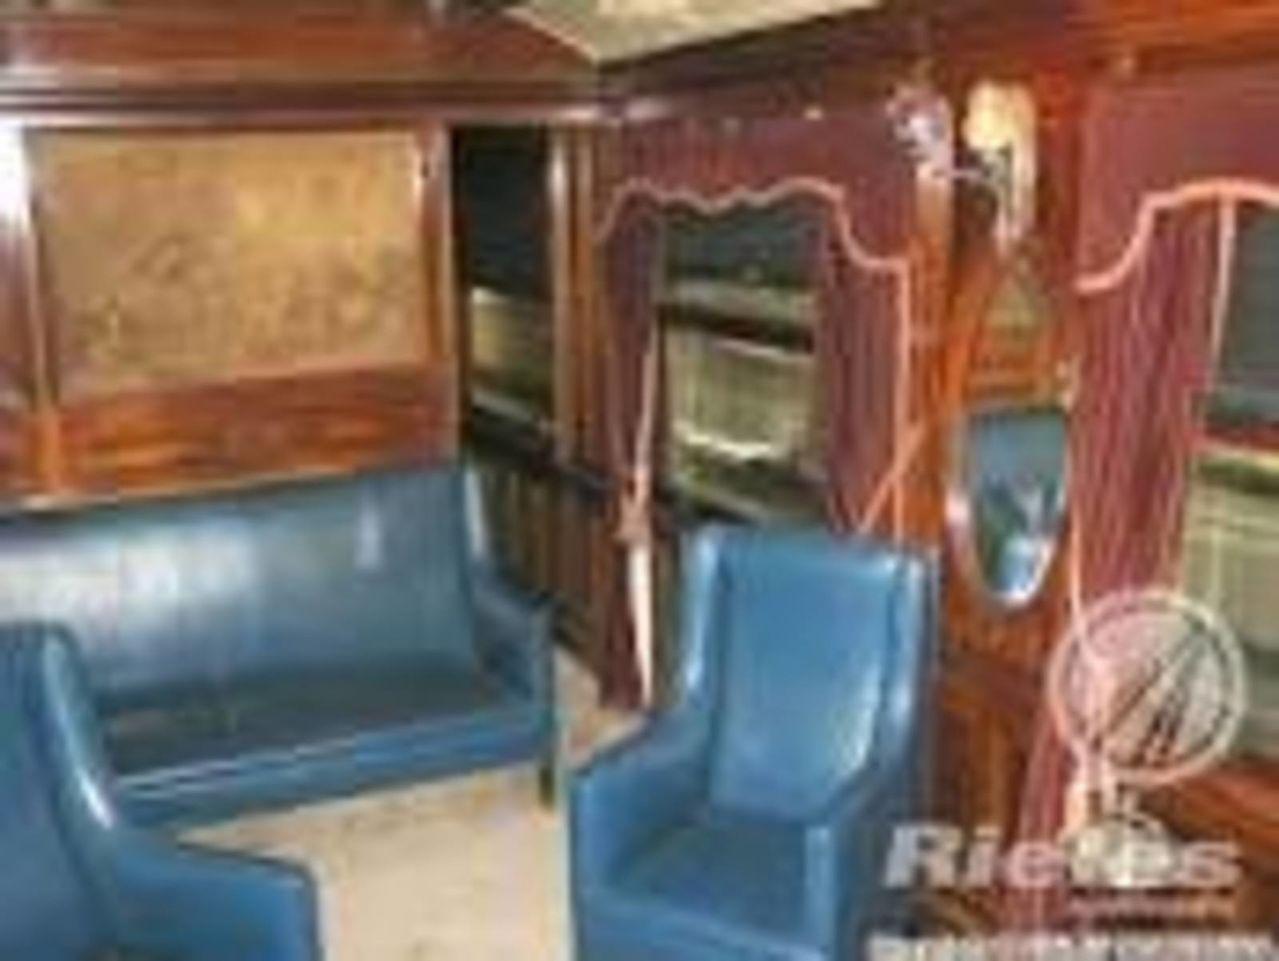 Tren oficial  EL OLIVO- medio histórico de servicio a los Presidentes en turno  TRENESACTUALESPRESIDENCIALES